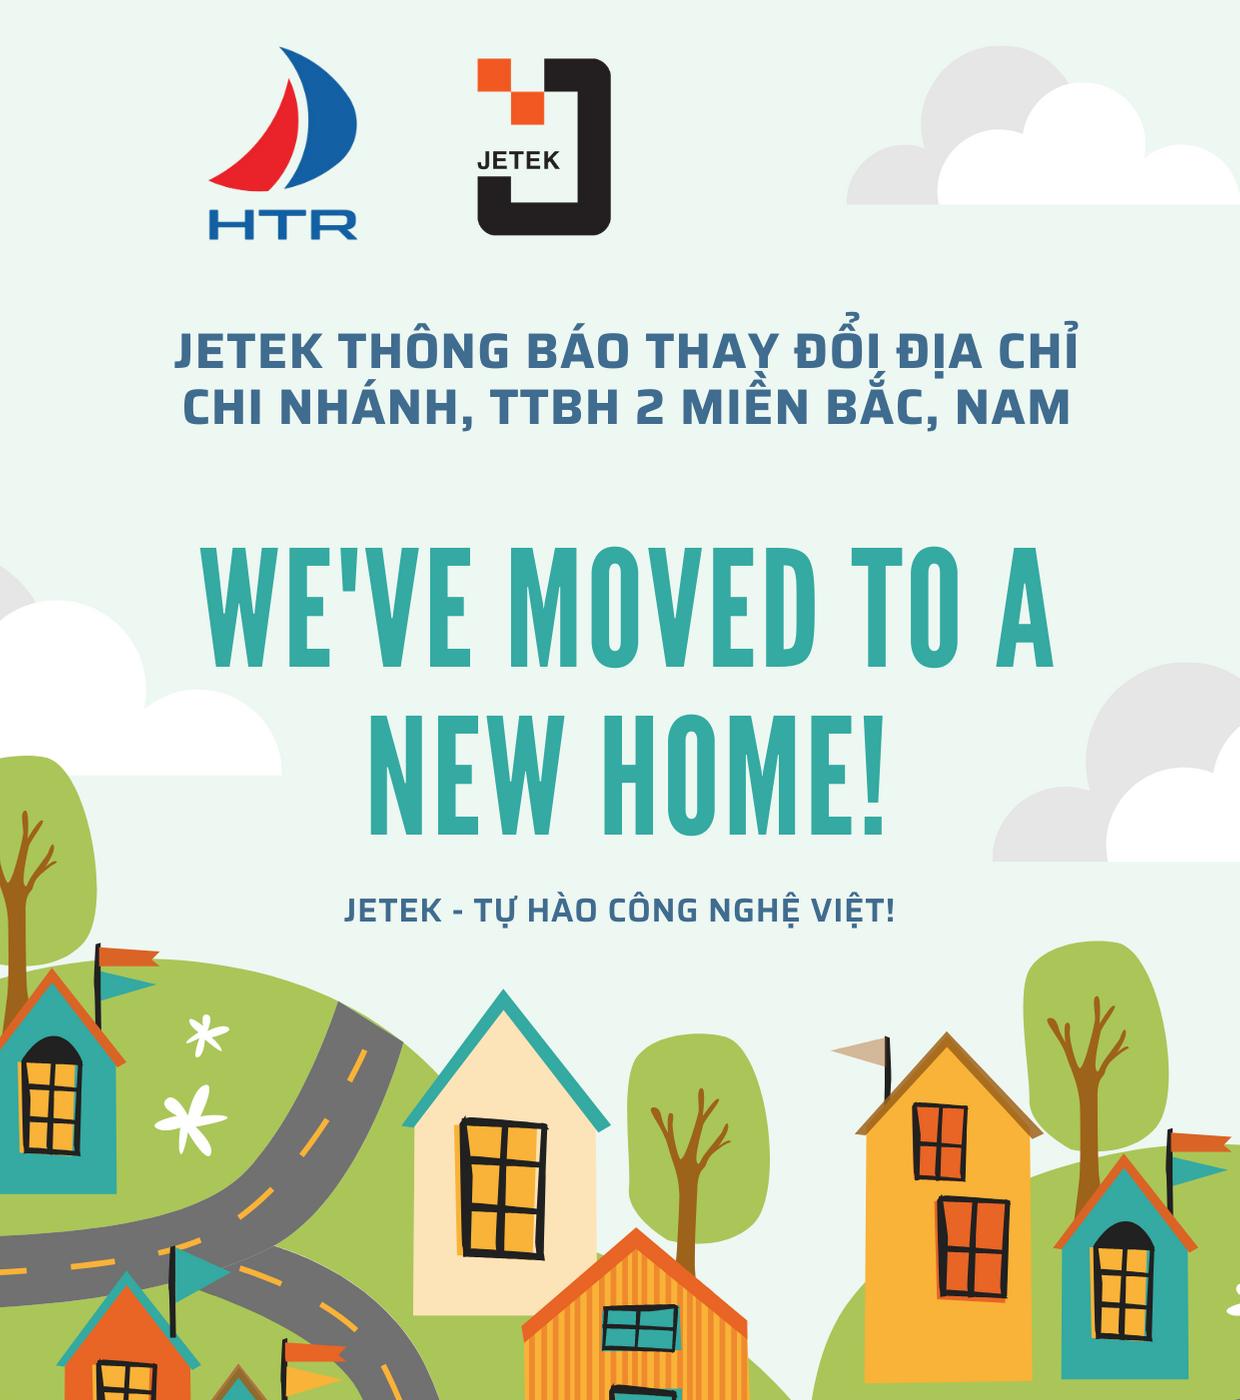 Jetek thay đổi địa chỉ chi nhánh, TTBH 2 miền Bắc, Nam